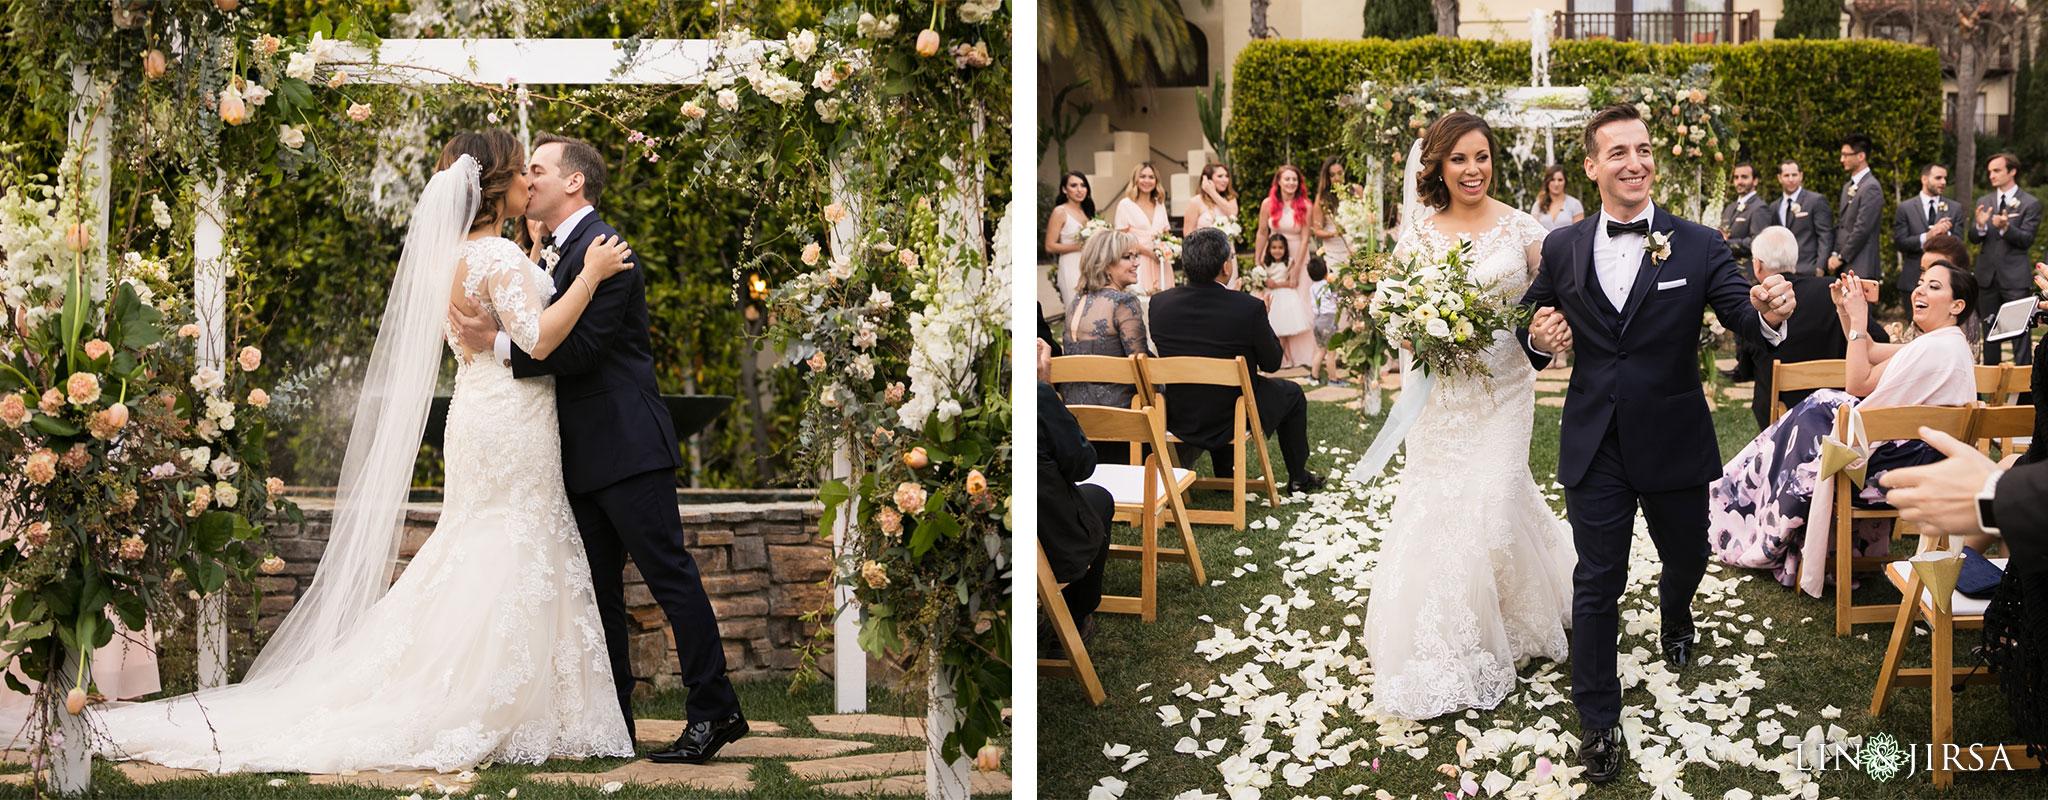 21 estancia la jolla hotel and spa wedding ceremony photography